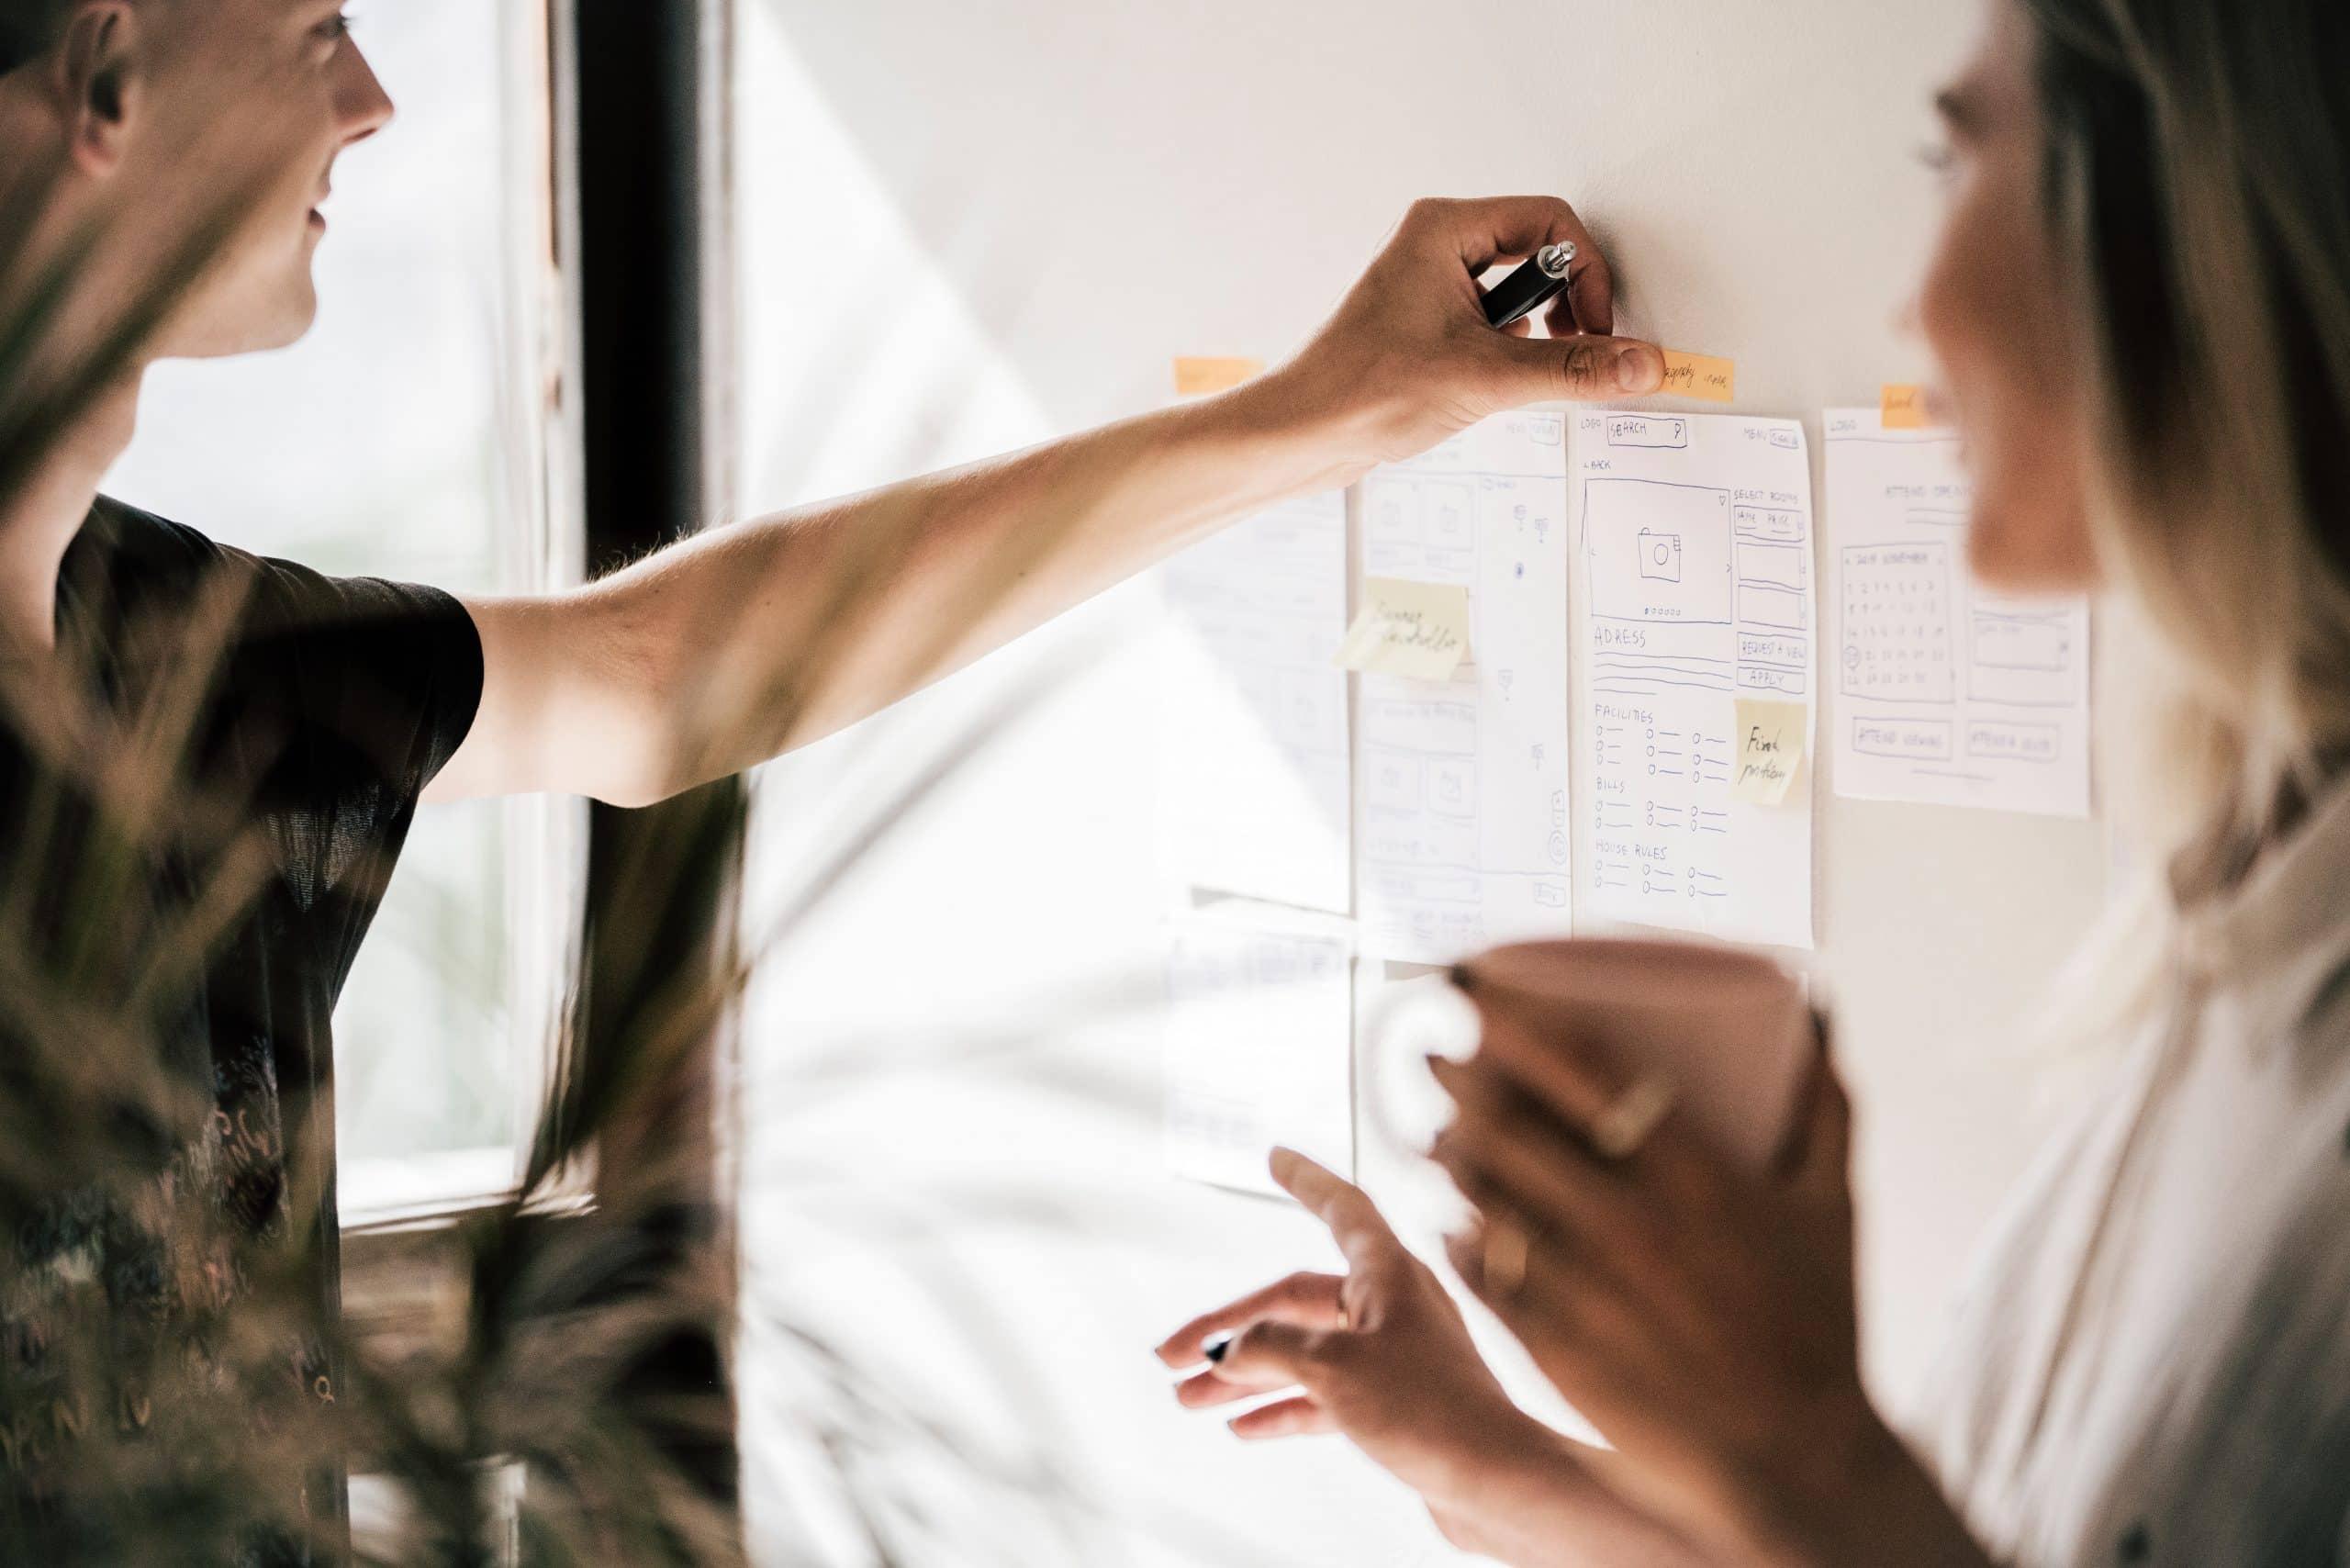 Two women undertaking startup ux design activities